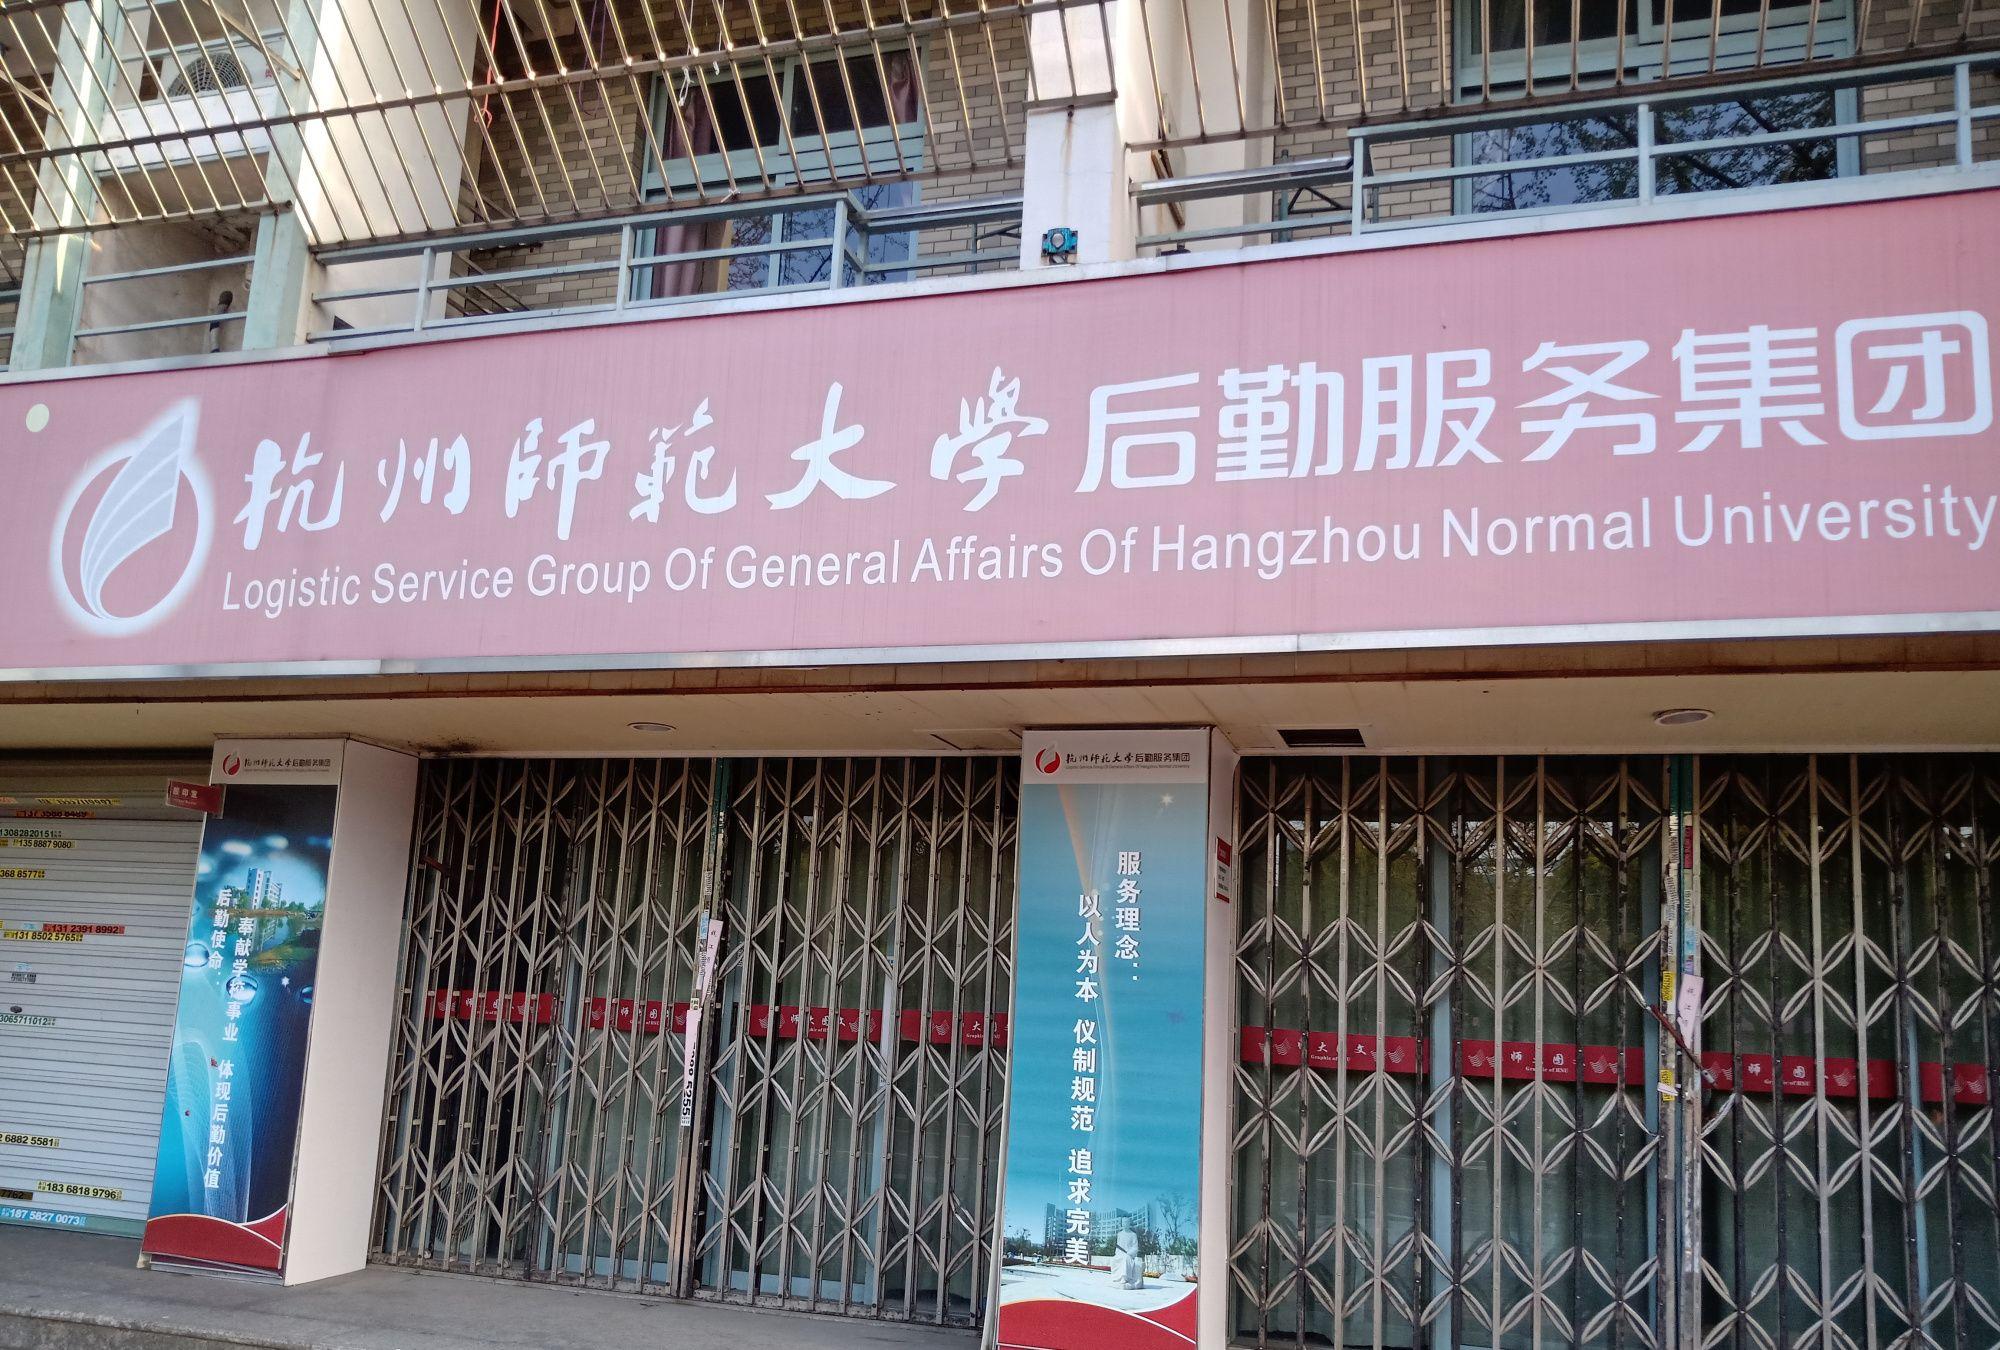 杭州师范大学附近商铺门前长满野草,最长寒假近4个月没开学